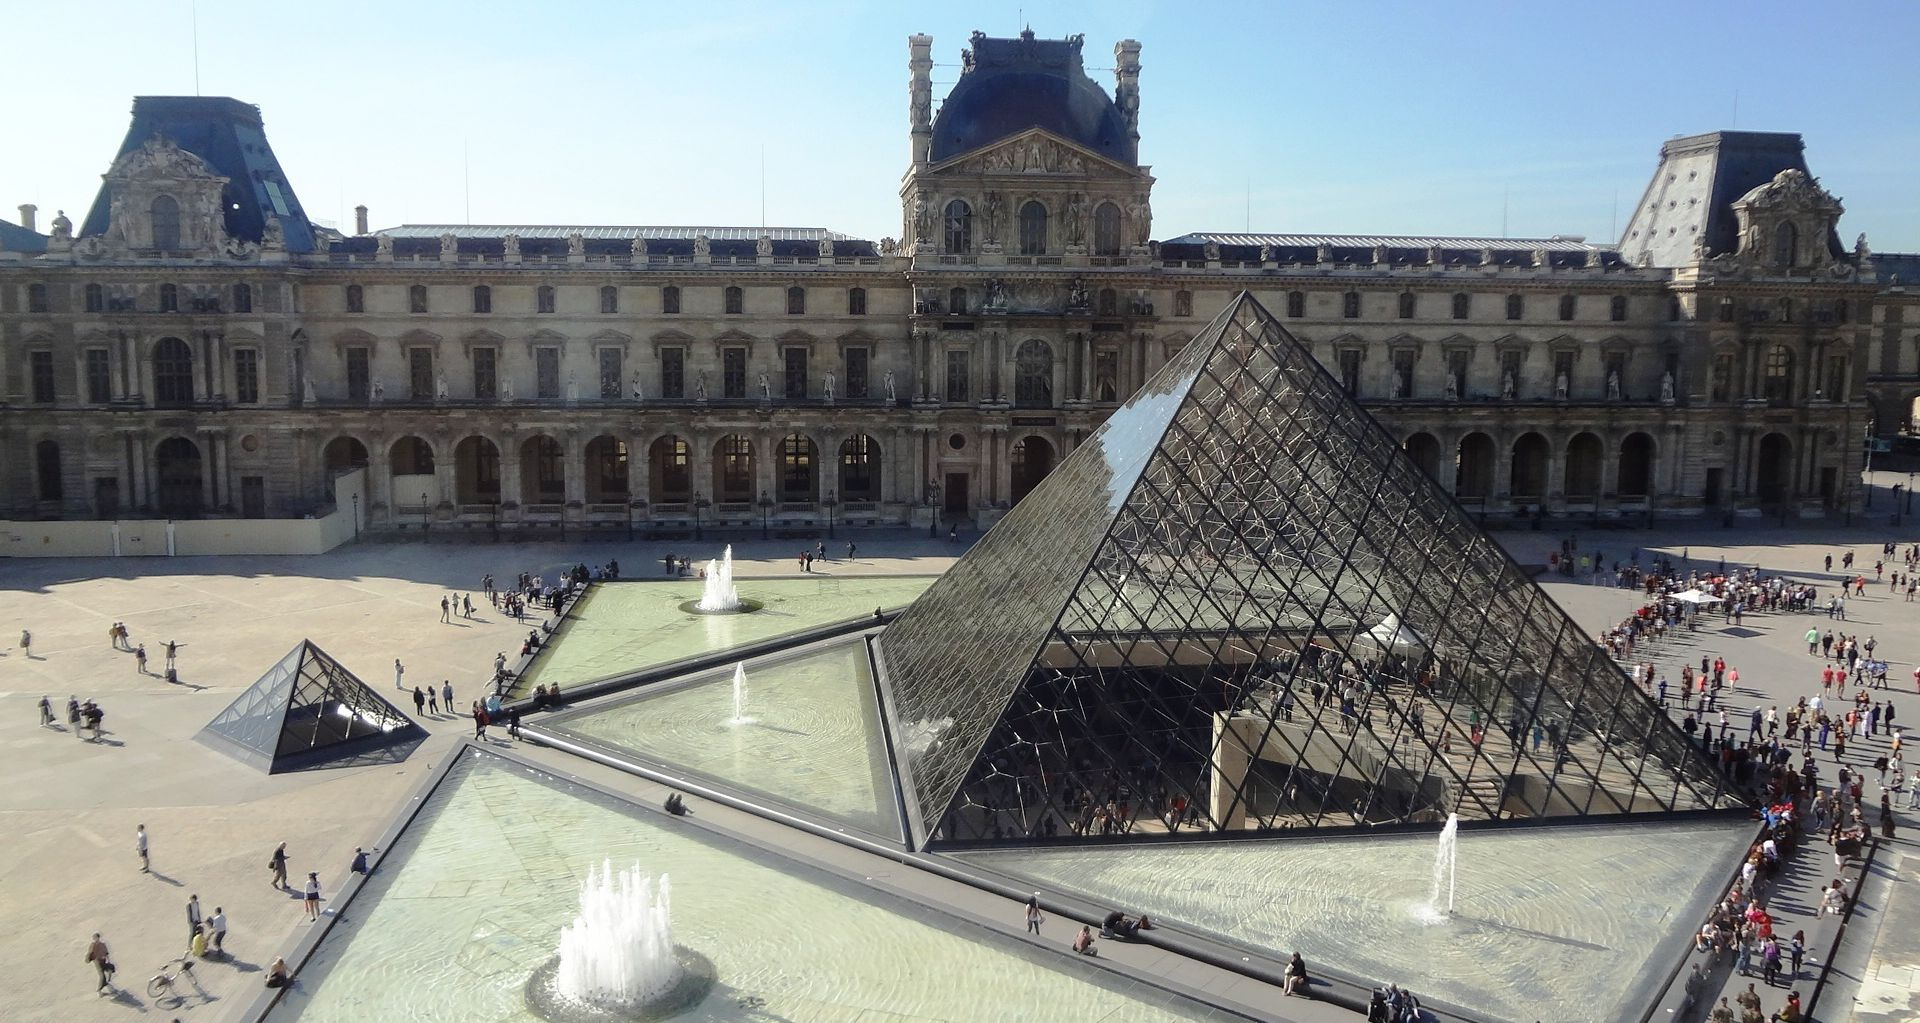 KULTURA JE VAŽNIJA NEGO IKADA Pariške kulturne ustanove i muzeji ponovno otvoreni